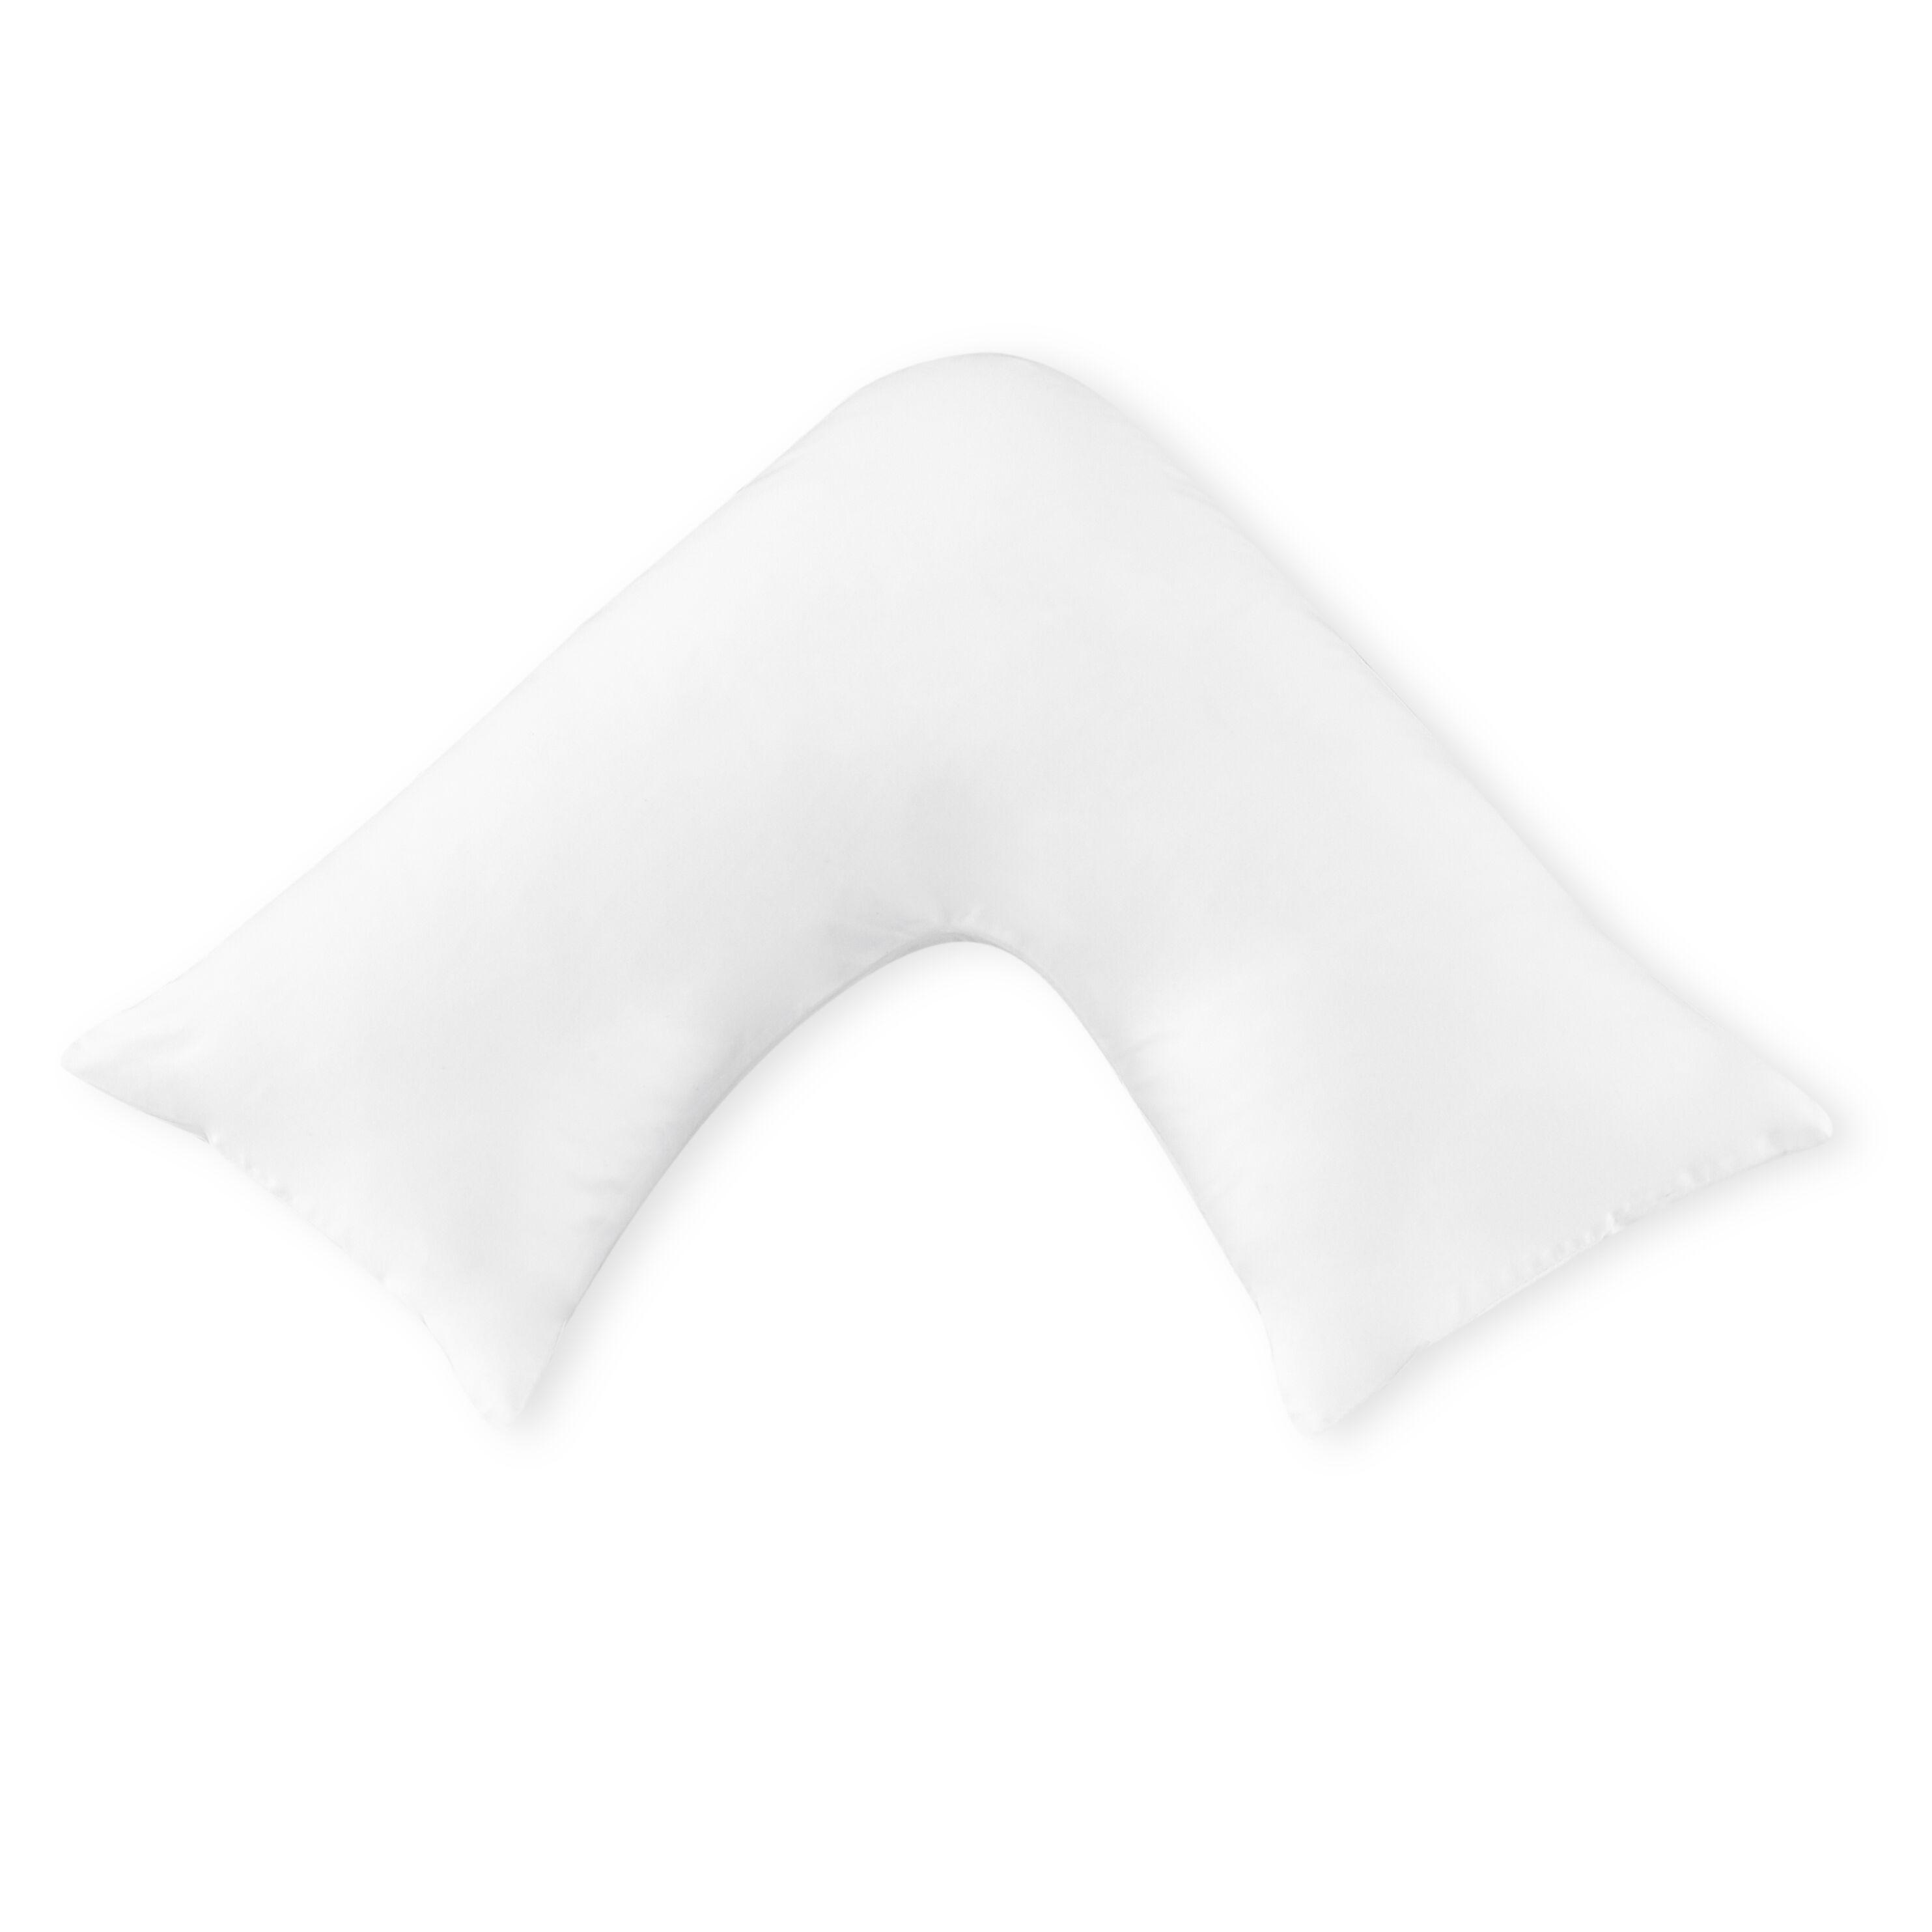 body pillows pillows hollander